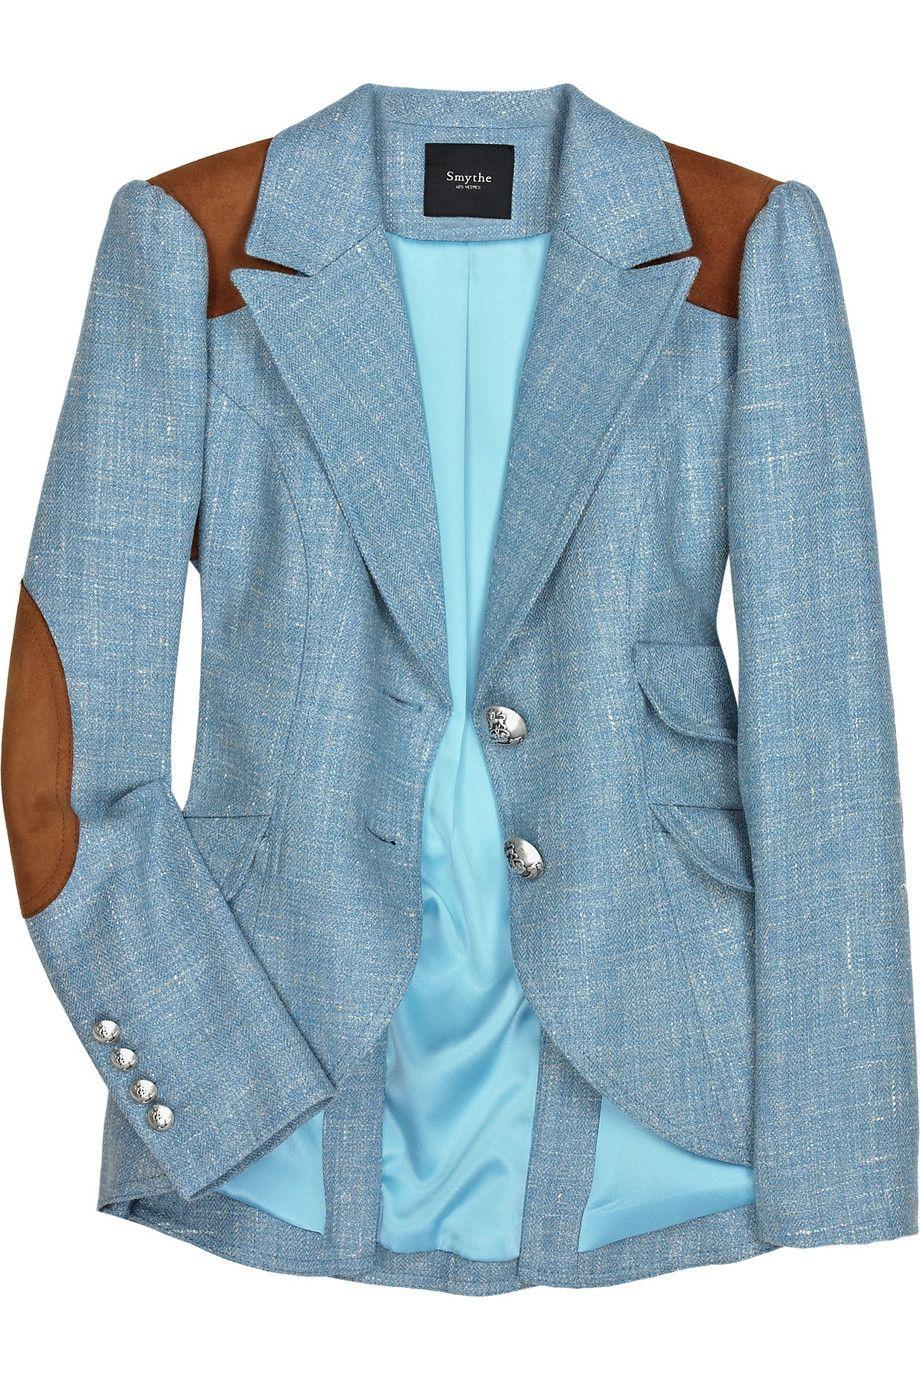 Smythe  Wool equestrian blazer